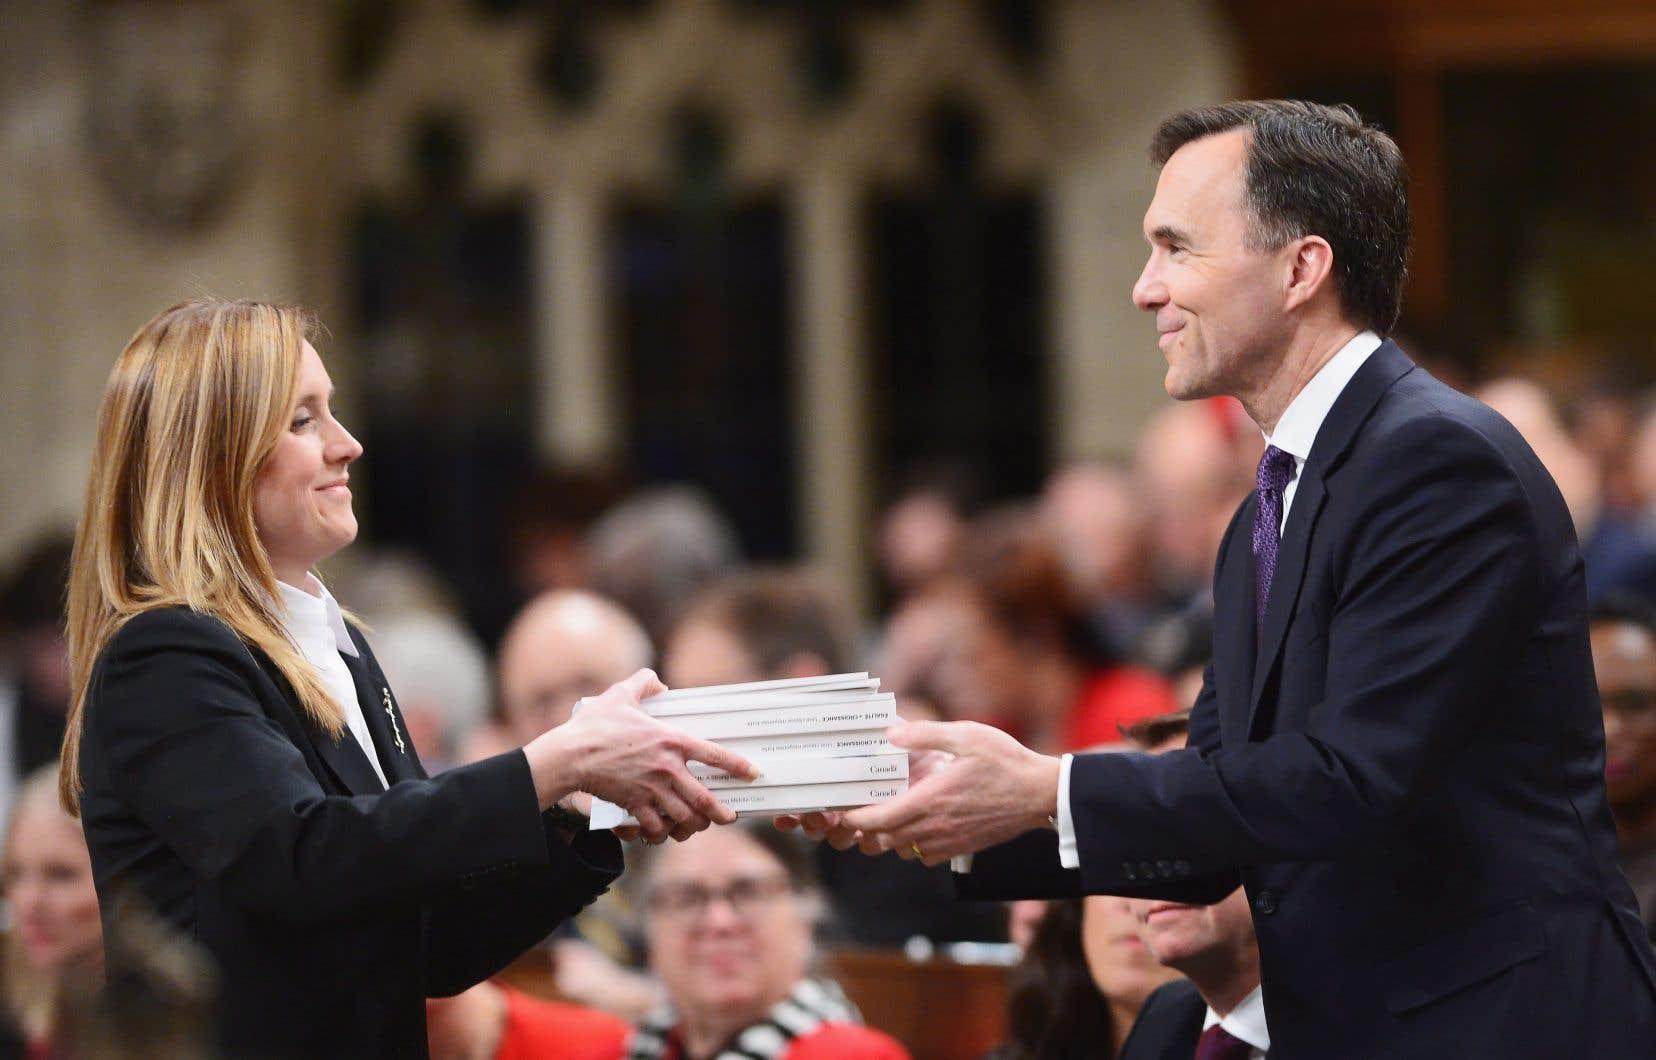 Le ministre des Finances, Bill Morneau, remet à une greffière de la Chambre des communes son troisième budget, que certains ont qualifié de féministe.